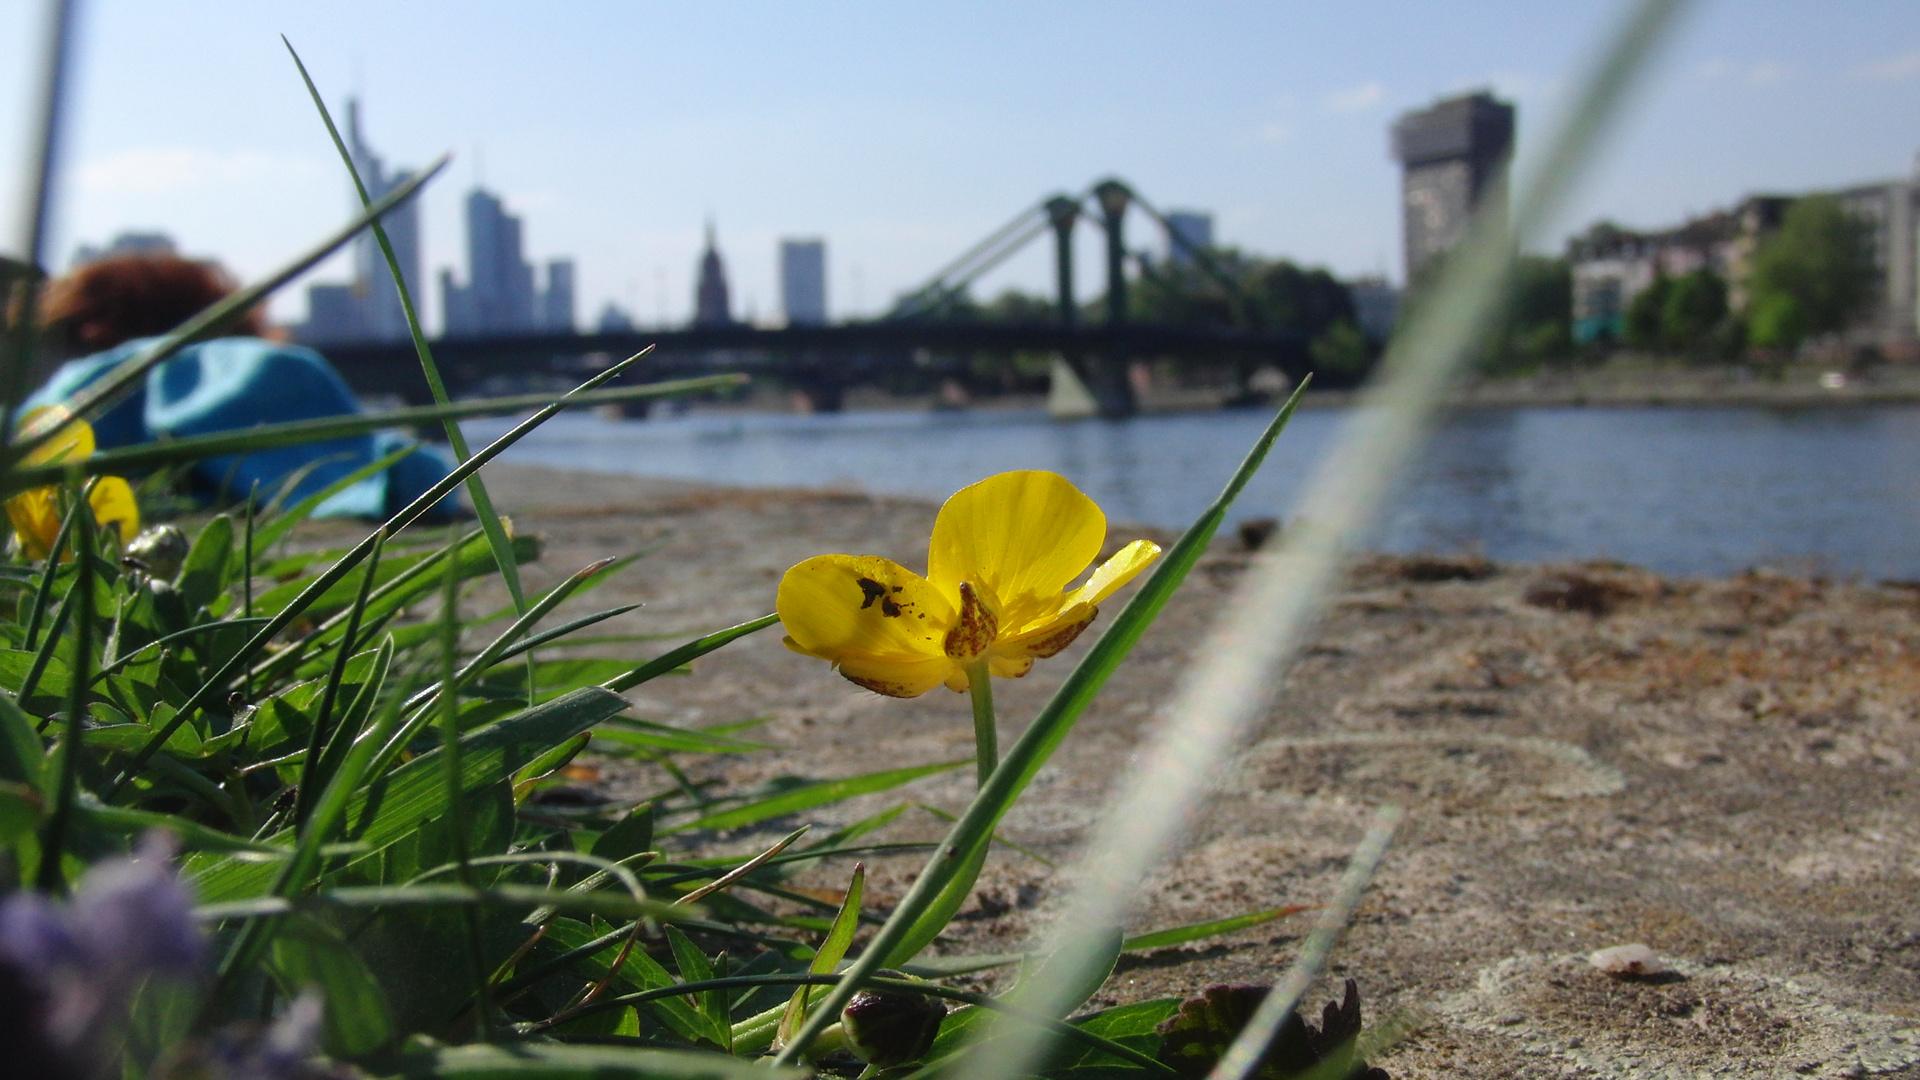 Frankfurter Skyline..unscharf, dafür mit scharfer Blume im vordergrund ;)